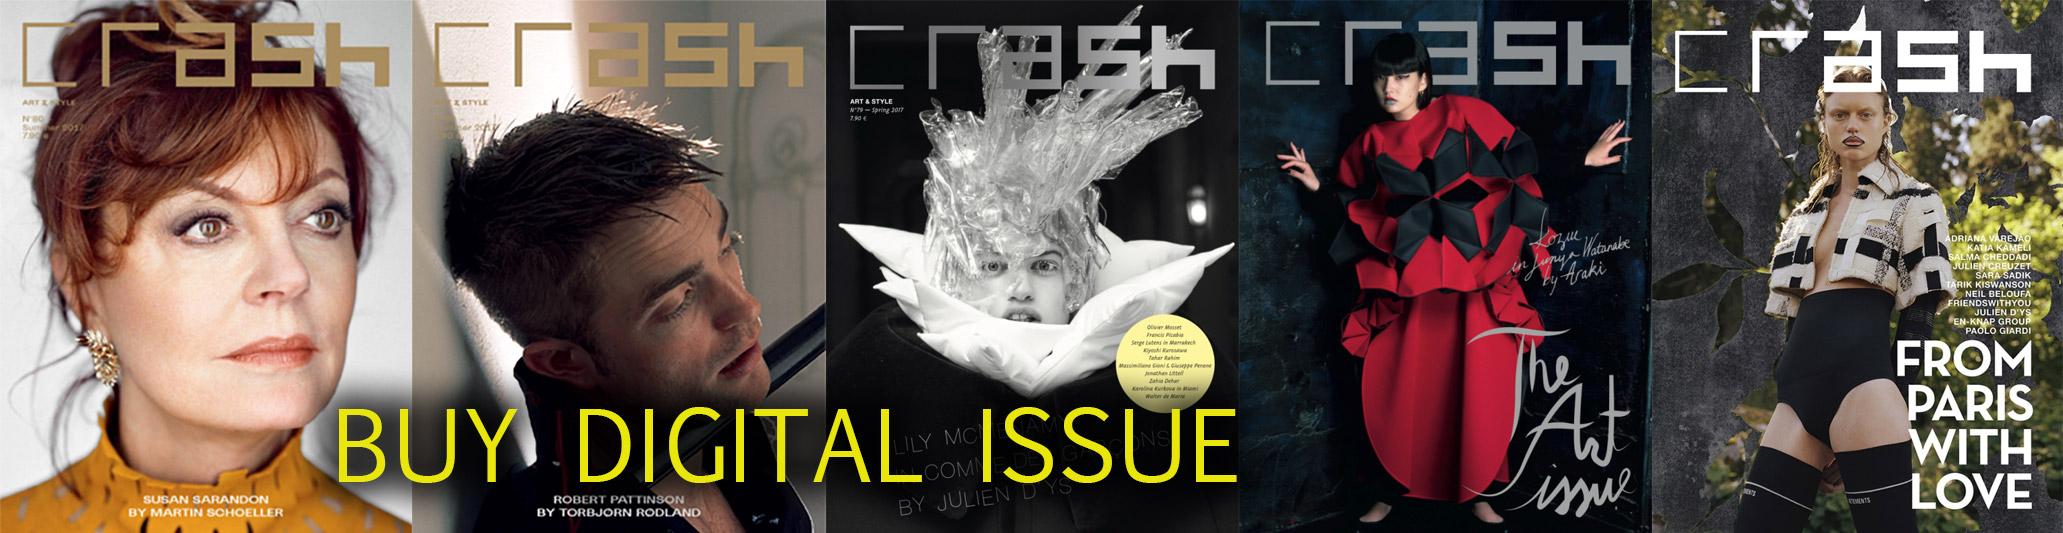 Buy crash magazine